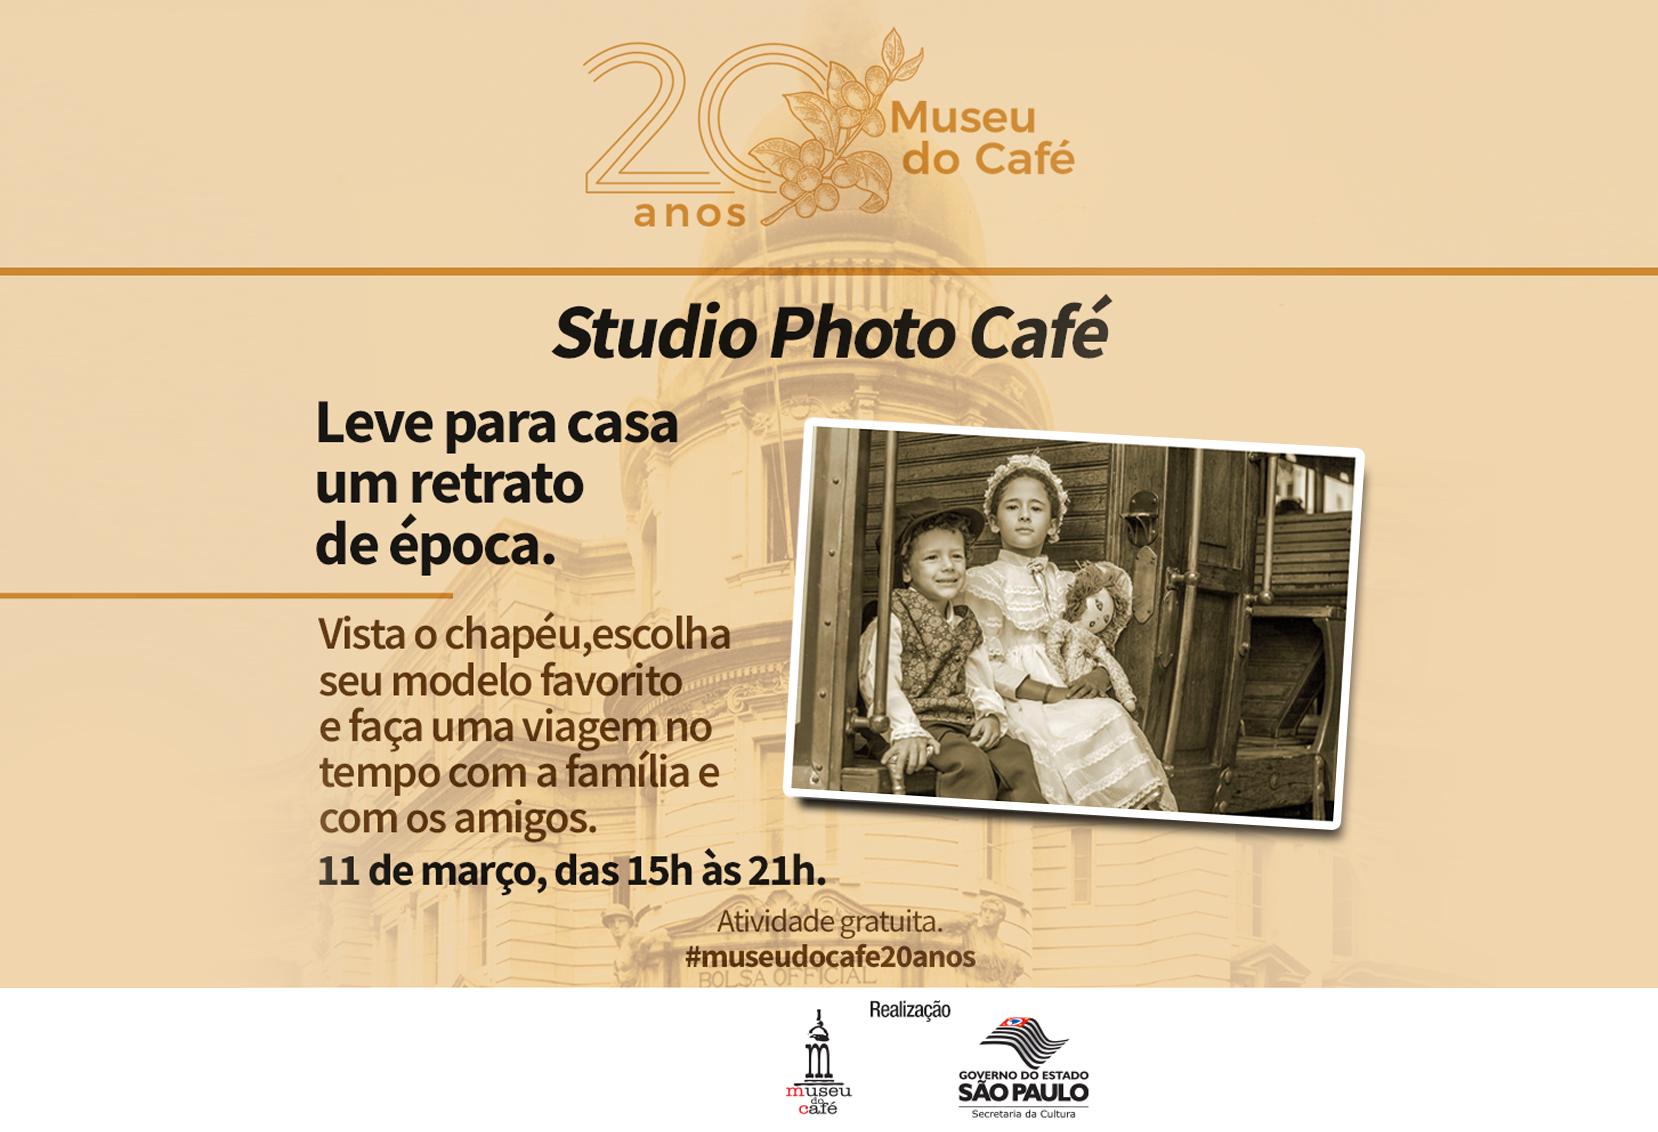 Museu Do Café Comemora 20 Anos Com Ações Interativas E Degustações